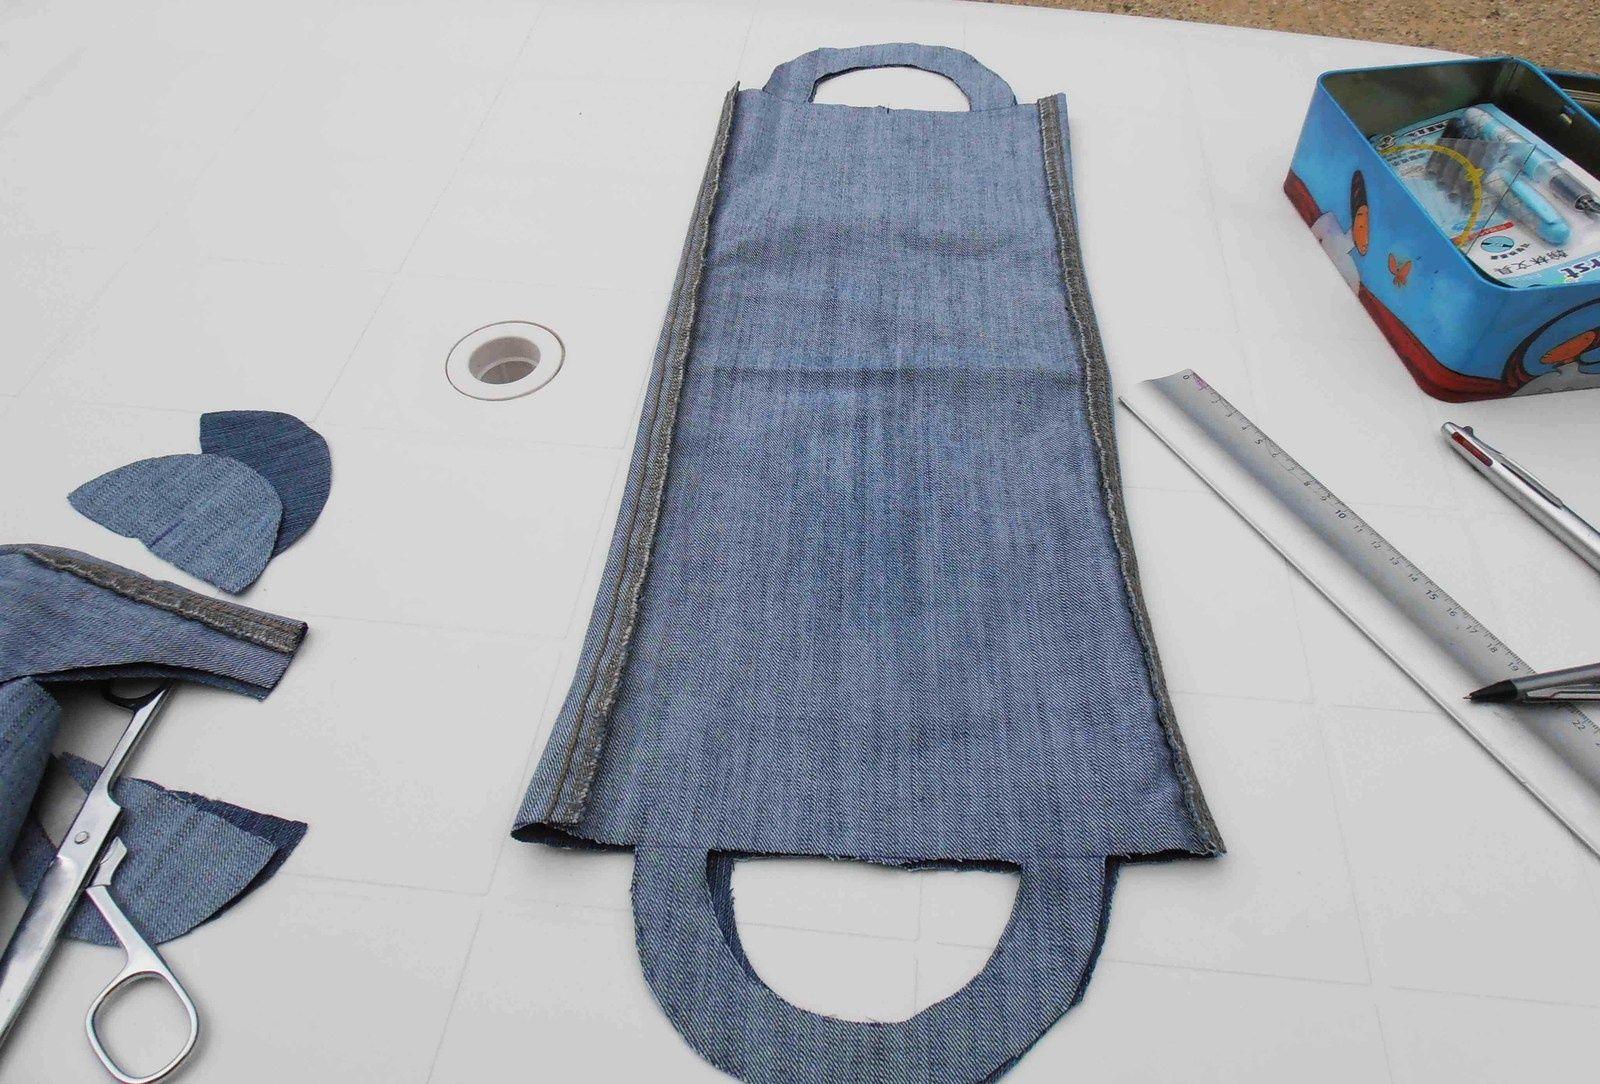 Un tout petit sac en jean pour vos livres souvenirs de plage z ro couture souvenirs de plage - Que faire avec un vieux jean ...